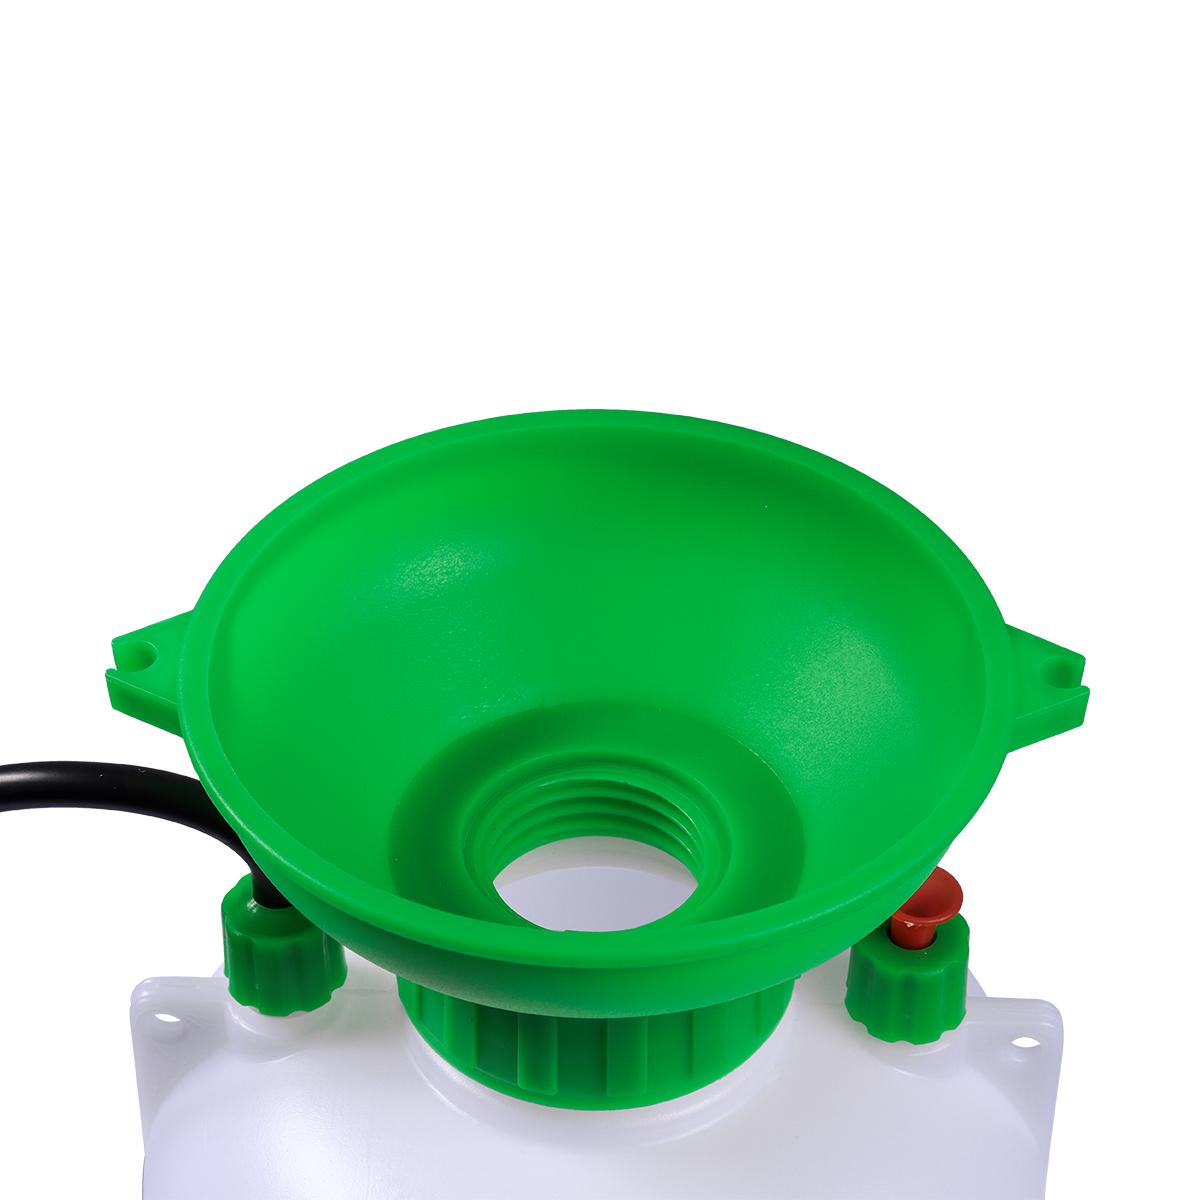 Pulverizador Pressão Acumulada 8 Litros SuperAgri + Pulverizador Borrifador Manual Pressão Acumulada 1,5 Litros